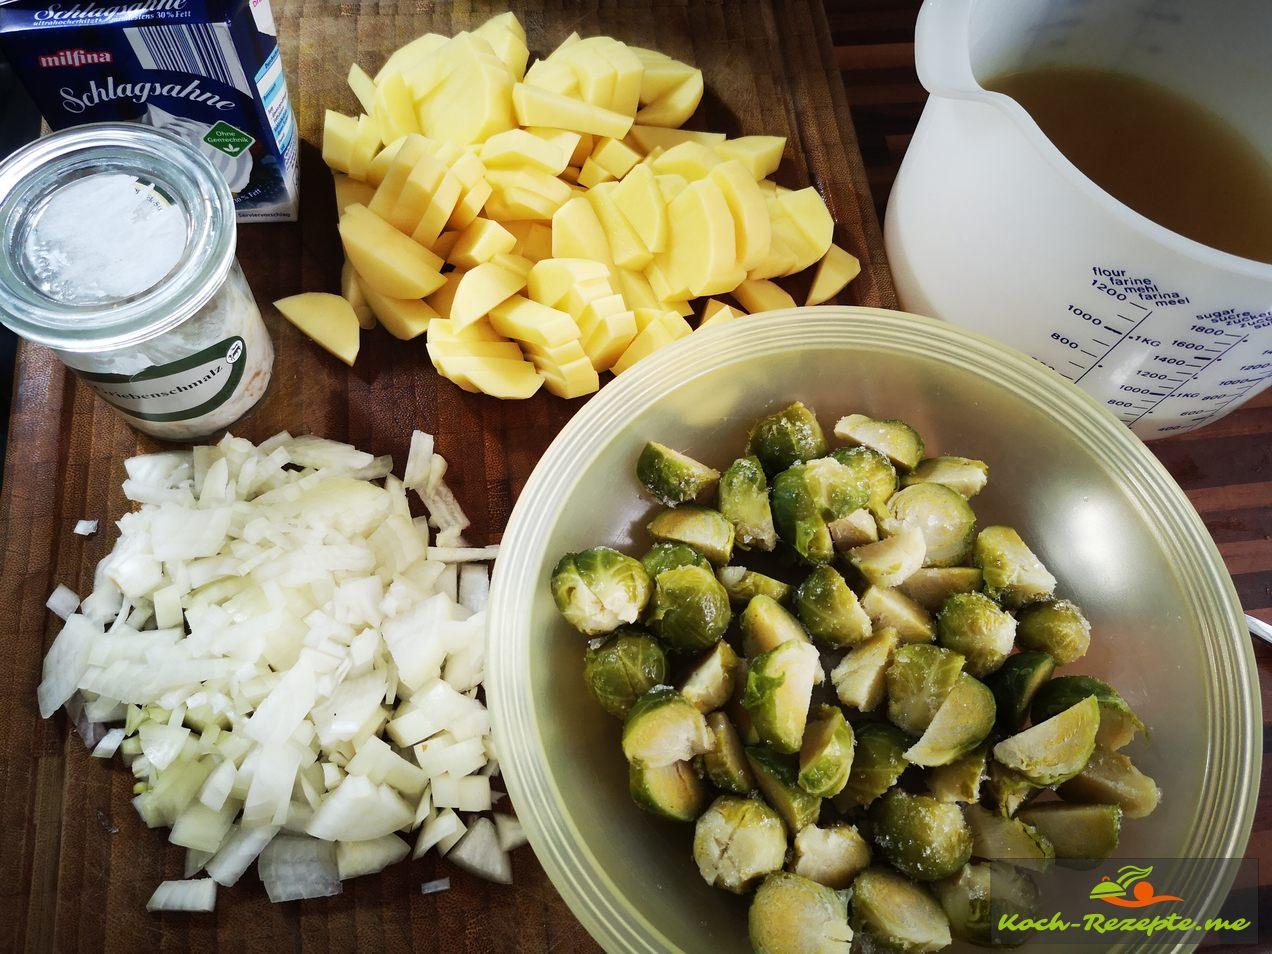 Zutaten Rosenkohl, Kartoffeln, Gemüsebrühe,Zwiebeln, Sahne und Gewürze